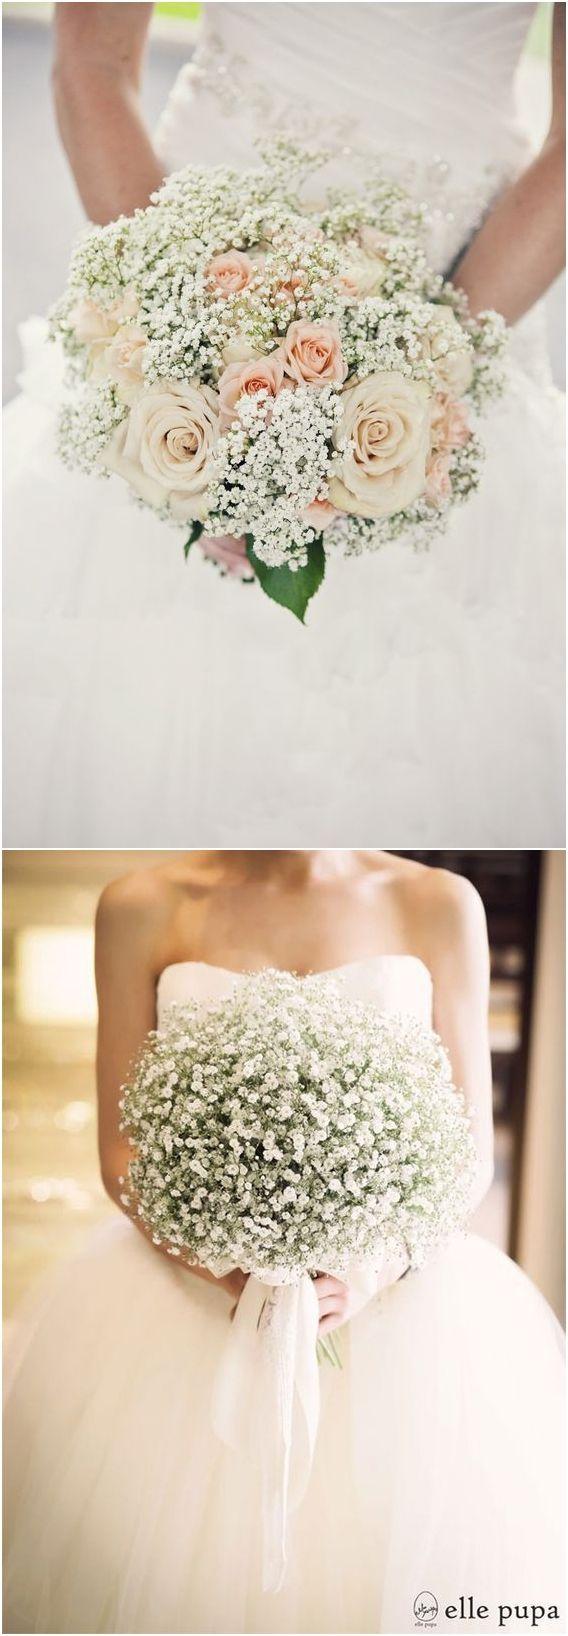 90 Rustic Baby S Breath Wedding Ideas You Ll Love Babys Breath Bouquet Wedding Babys Breath Wedding Boquette Wedding